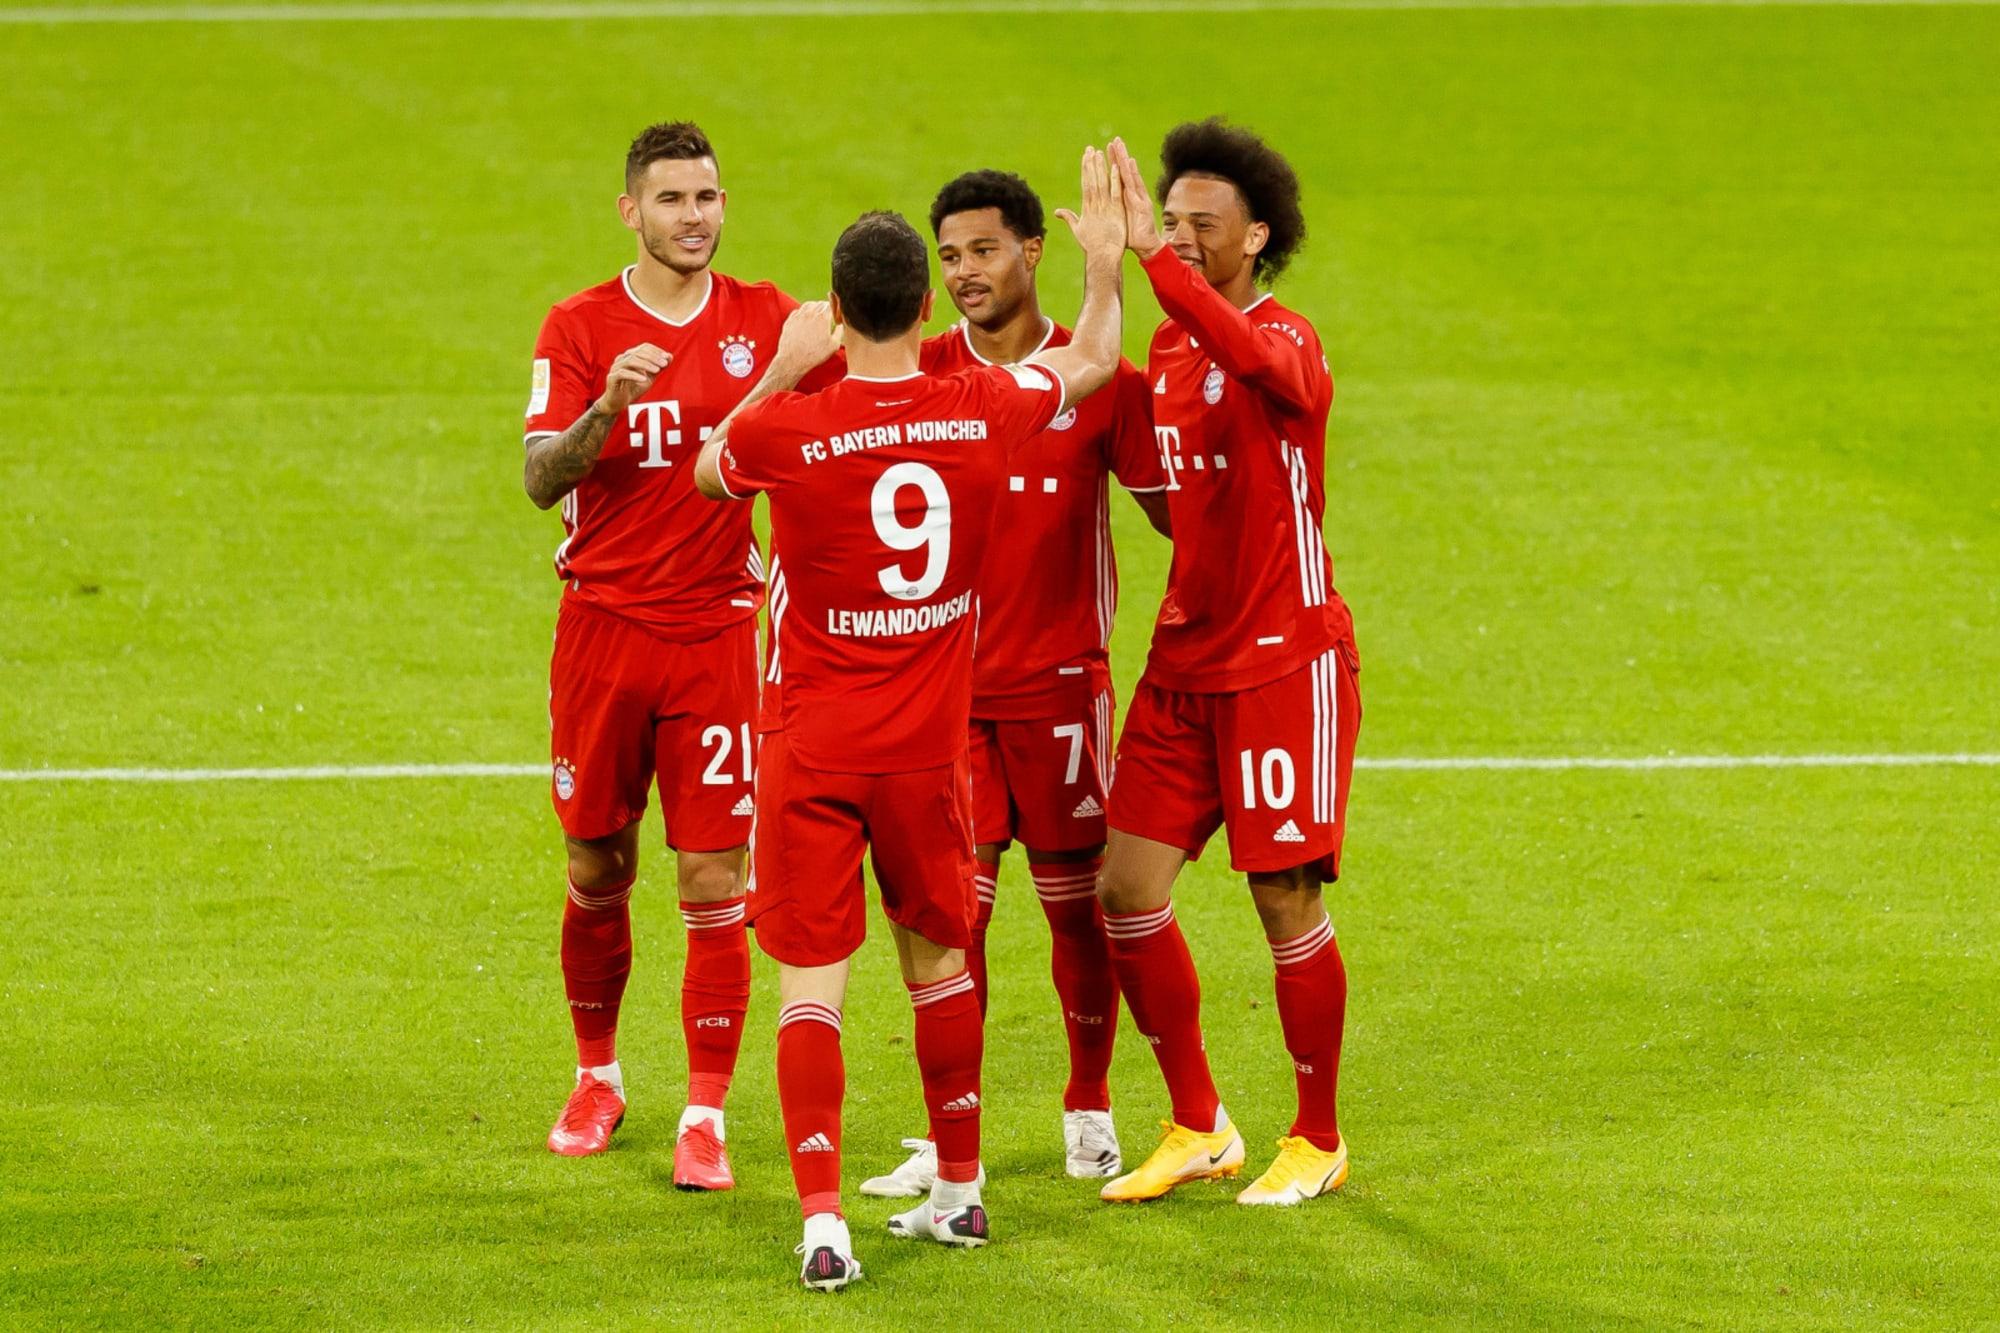 Bayern Munich dismantle Schalke at Allianz Arena